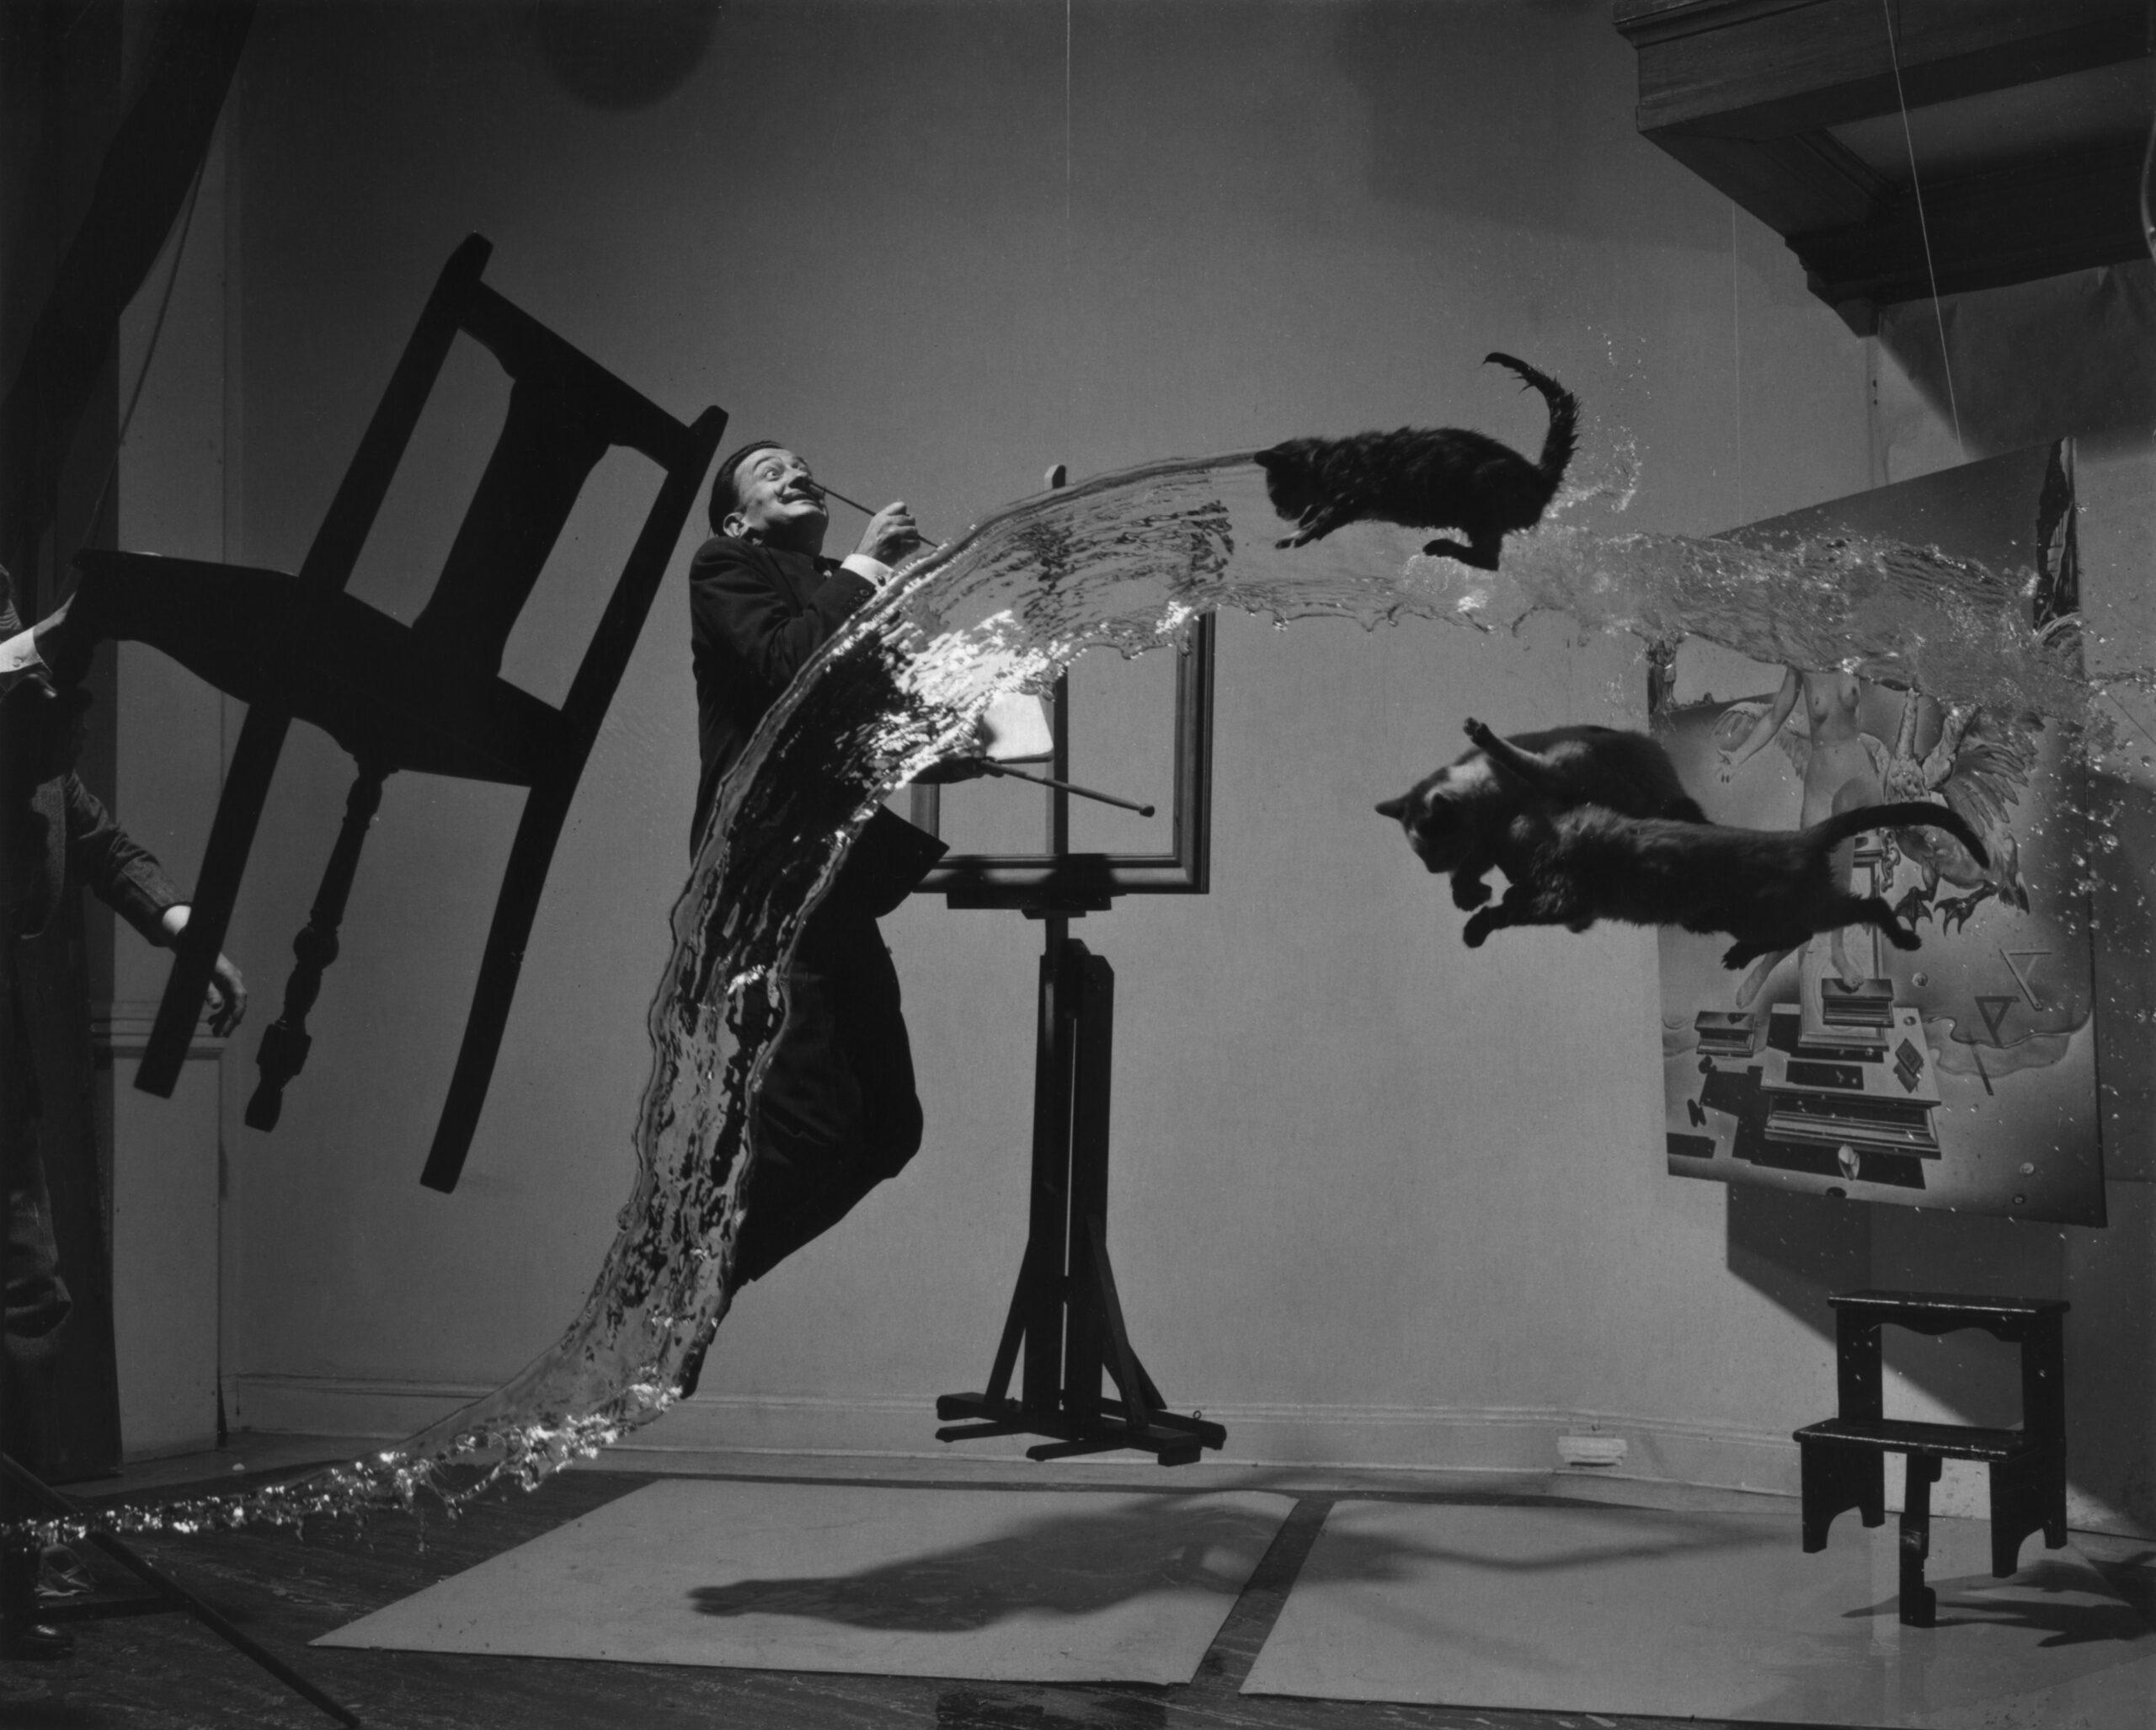 Сюрреализм: видеть сны наяву (26 сентября)